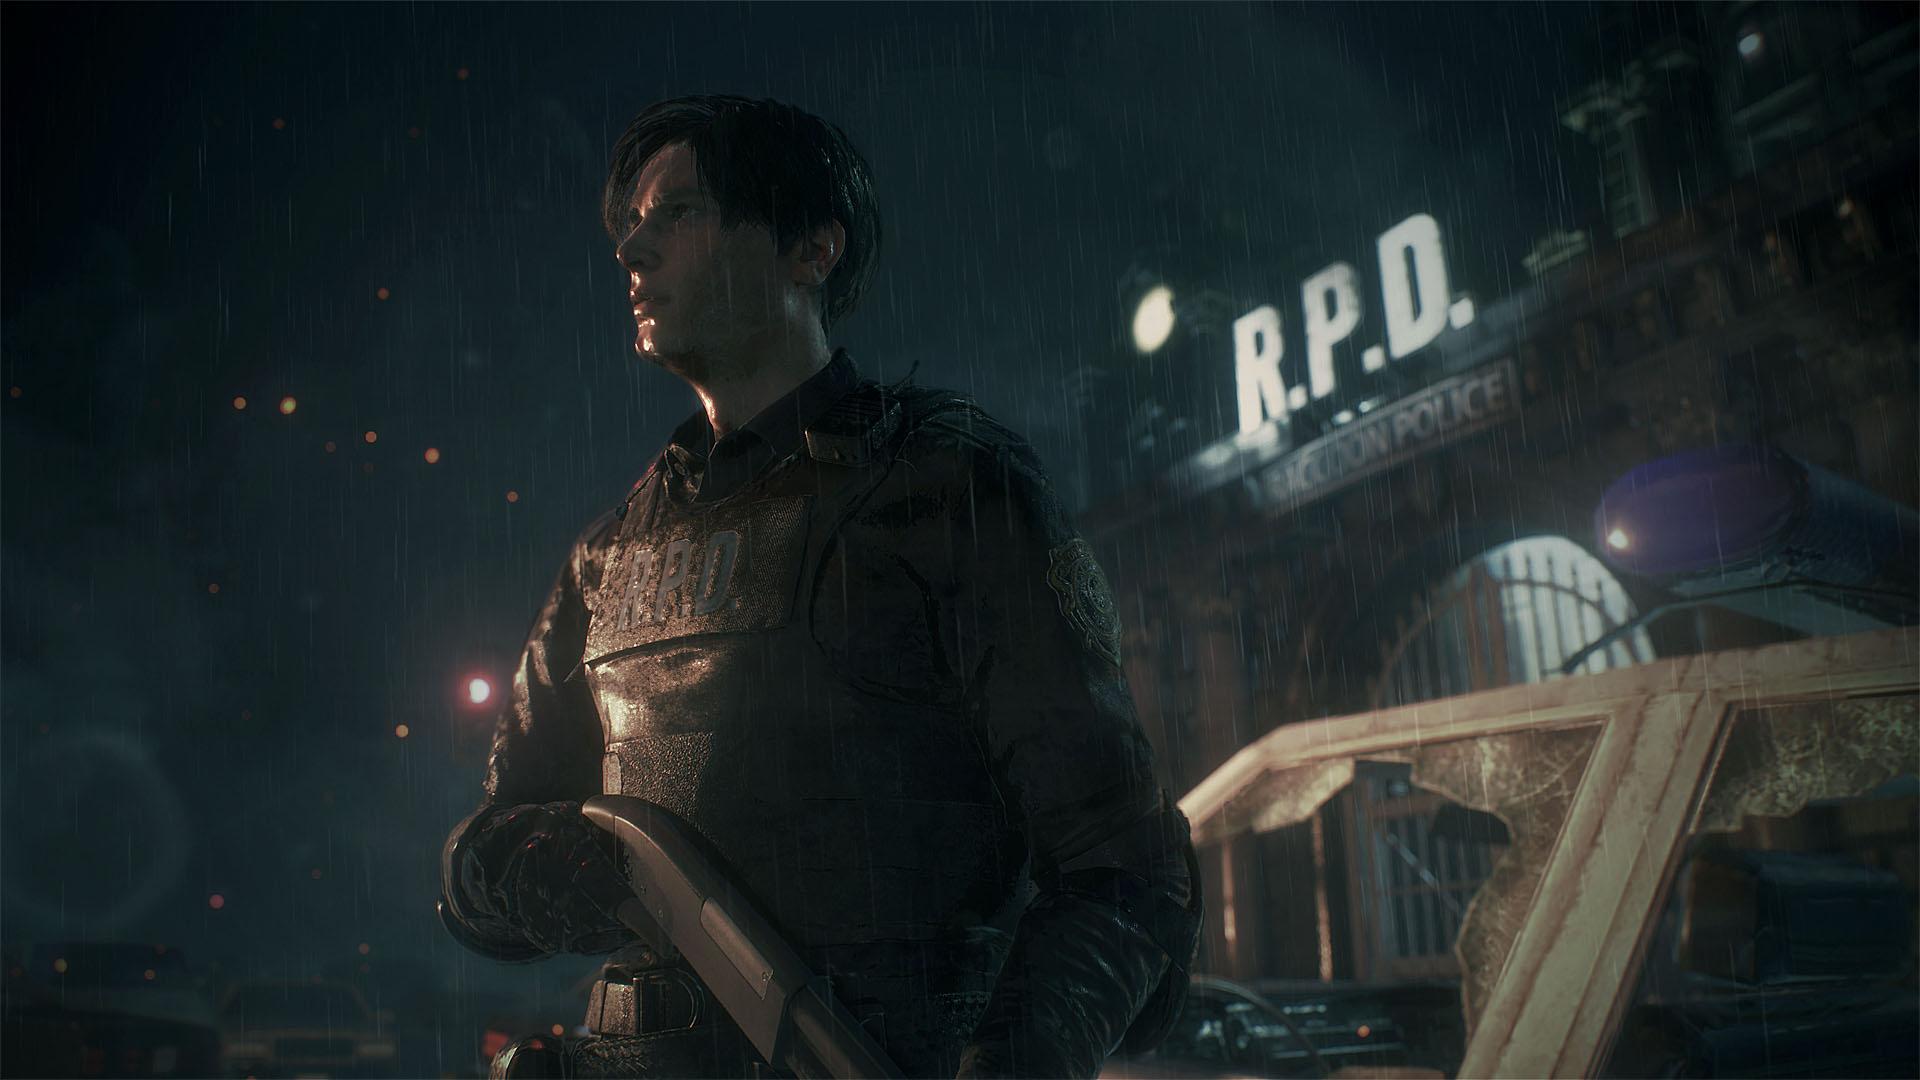 Resident Evil 2: semelhanças e diferenças entre o clássico e o remake